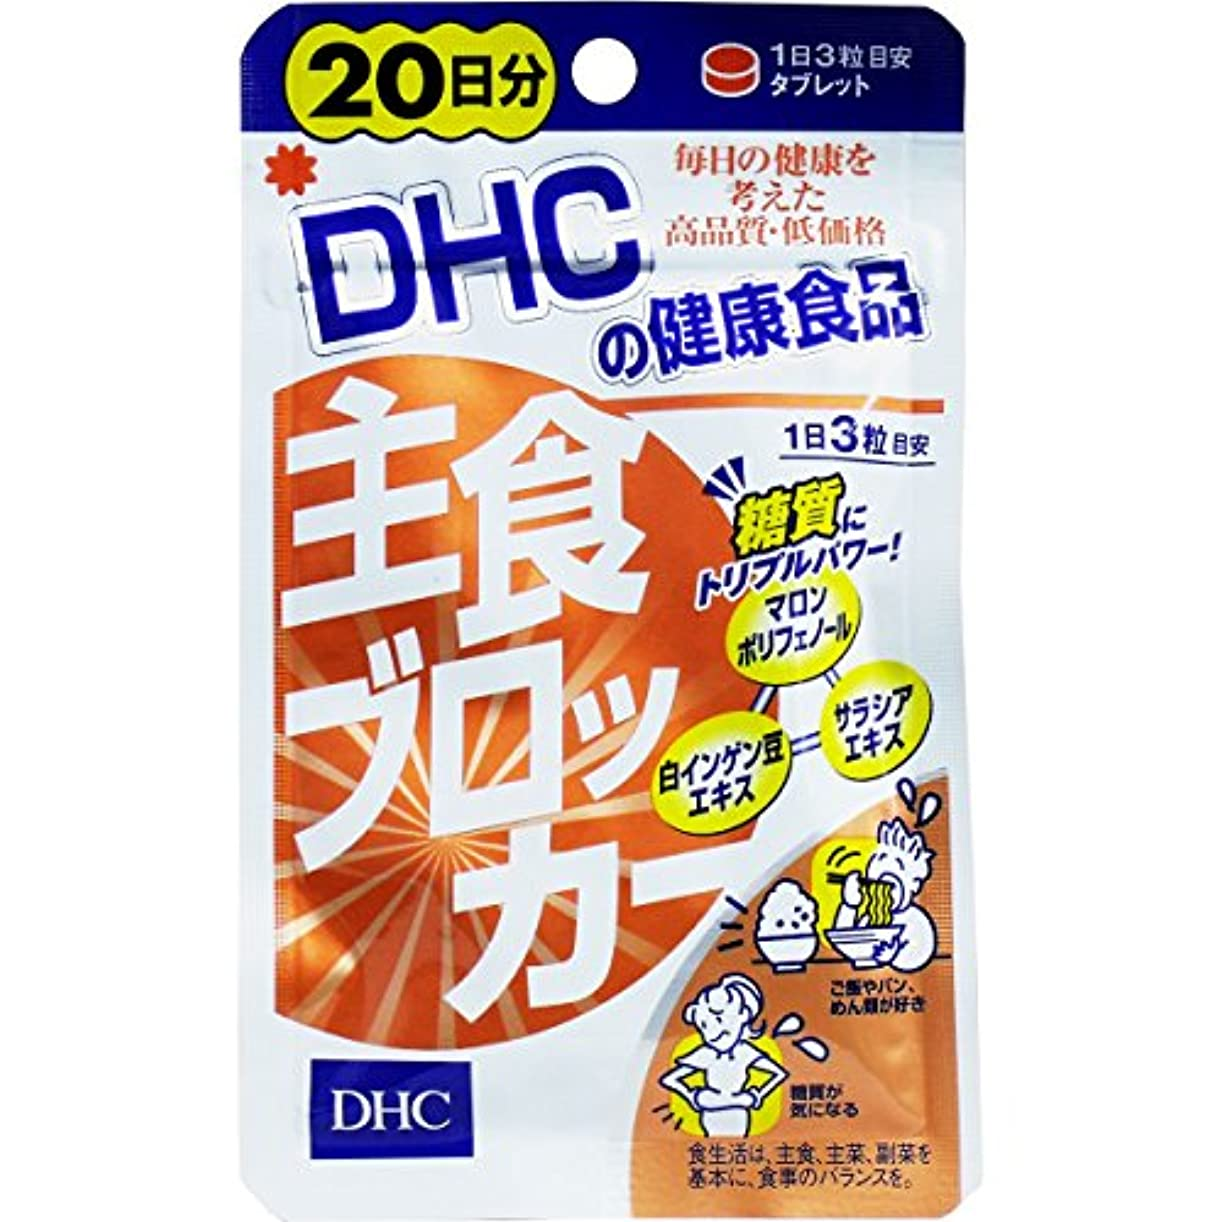 レッスンくつろぎ非公式【DHC】主食ブロッカー 20日分 60粒 ×5個セット